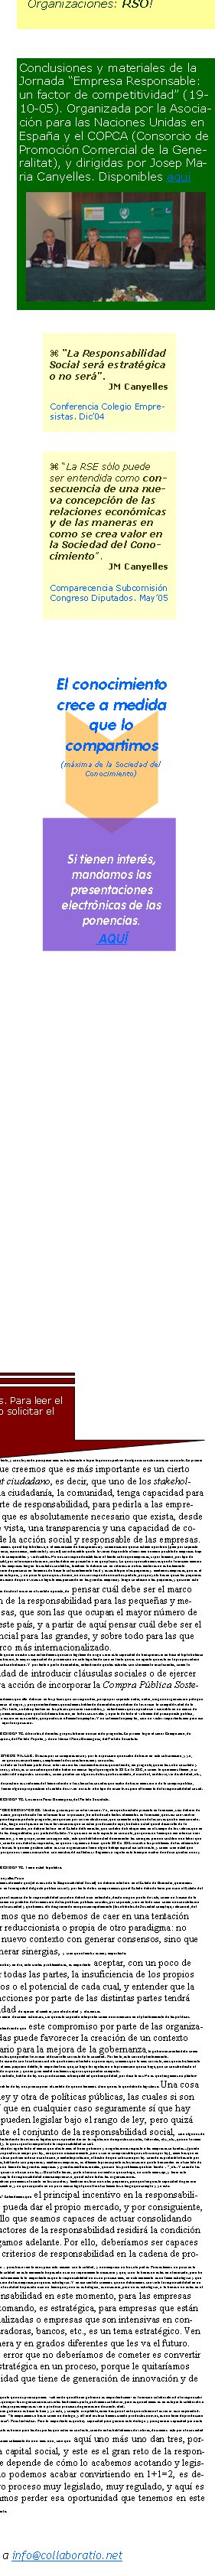 """Conclusiones y materiales de la Jornada """"Empresa Responsable: un factor de competitividad� (19-10-05). Organizada por la Asociación para las Naciones Unidas en España y el COPCA (Consorcio de Promoción Comercial de la Generalitat), y dirigidas por Josep Maria Canyelles. Disponibles aquíSi se ha recibido este correo por error, rogamos nos lo indiquen a info@collaboratio.net COMPARECENCIA DE DON JOSEP MARIA CANYELLES PASTÓCongreso de los Diputados. Subcomisión sobre la Responsabilidad Social de las Empresas. Sesión 17 de Mayo de 2005Entendemos que la responsabilidad social responde a una situación, a un contexto que es relativamente nuevo, y que básicamente, para sintetizar, podríamos decir que responde al nuevo contexto de Sociedad del Conocimiento, o Sociedad de la Información. Es decir, que a diferencia de la sociedad industrial, donde el valor se creaba a partir de la combinación de activos materiales y activos tangibles, estamos en un momento que ha supuesto un gran cambio de paradigma en el concepto de creación de valor, donde las organizaciones empresariales crean valor en gran medida a partir de la combinación de activos intangibles. Y esto es así de una manera muy radical, hasta el punto de que el valor de una empresa, en gran medida, ha pasado a basarse en estos activos intangibles, habiendo incluso empresas que más del 80 por ciento, incluso el 90 por ciento, de su valor de mercado es un valor intangible, por tanto es un valor no contabilizado en sus estados contables. Esto  -que supone además un gran reto para la disciplina de la contabilidad, que lleva 500 años existiendo- conlleva un gran reto de gestión para cualquier empresa, y es que deben gestionar un valor que no queda contabilizado, deben gestionar algo que es intangible, y creo que en los últimos cinco, diez, quince, veinte años si me apuran, este es el gran reto al que las organizaciones quizá más avispadas, o las más grandes, o las más avanzadas en ese sentido han debido de dar respuesta. Y este"""